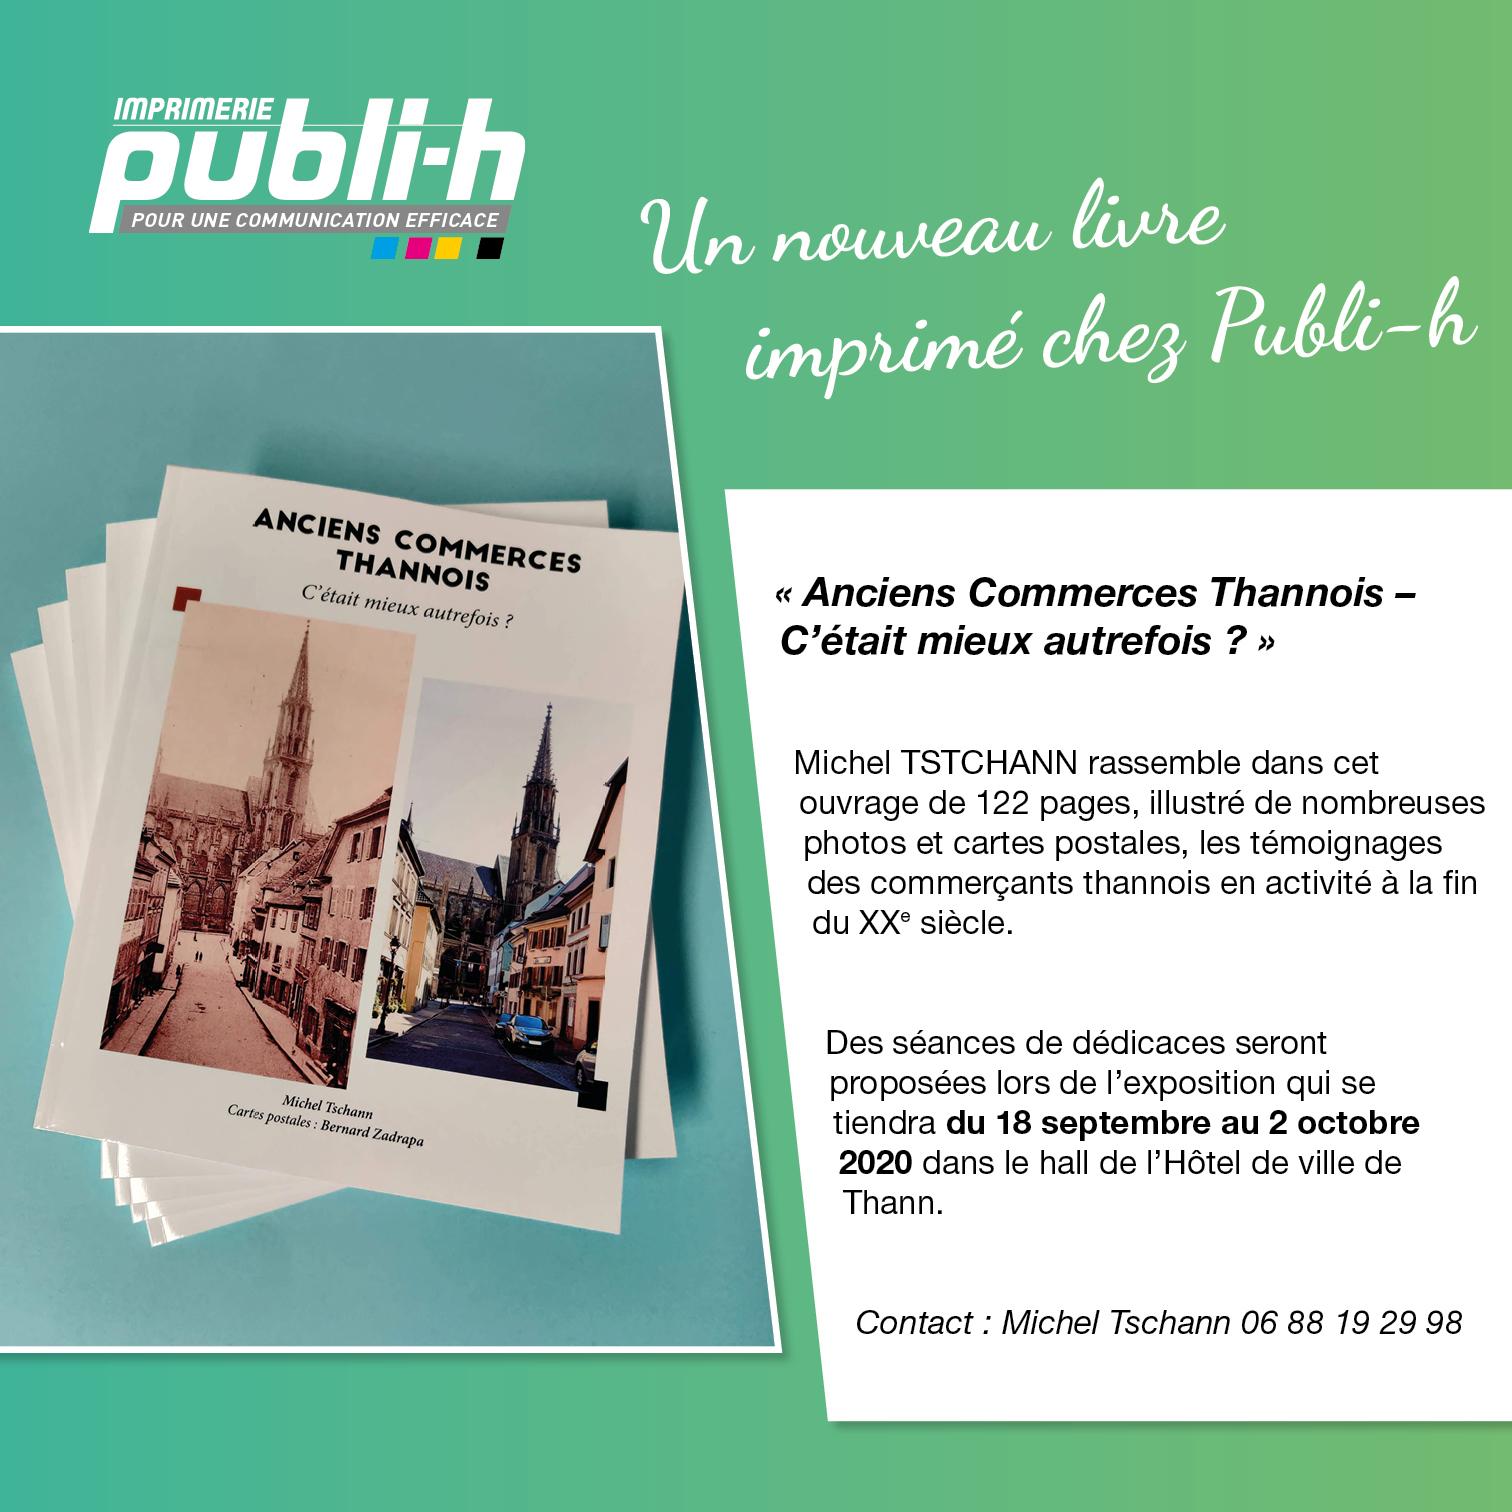 website-publih-new-book-thann-tschann